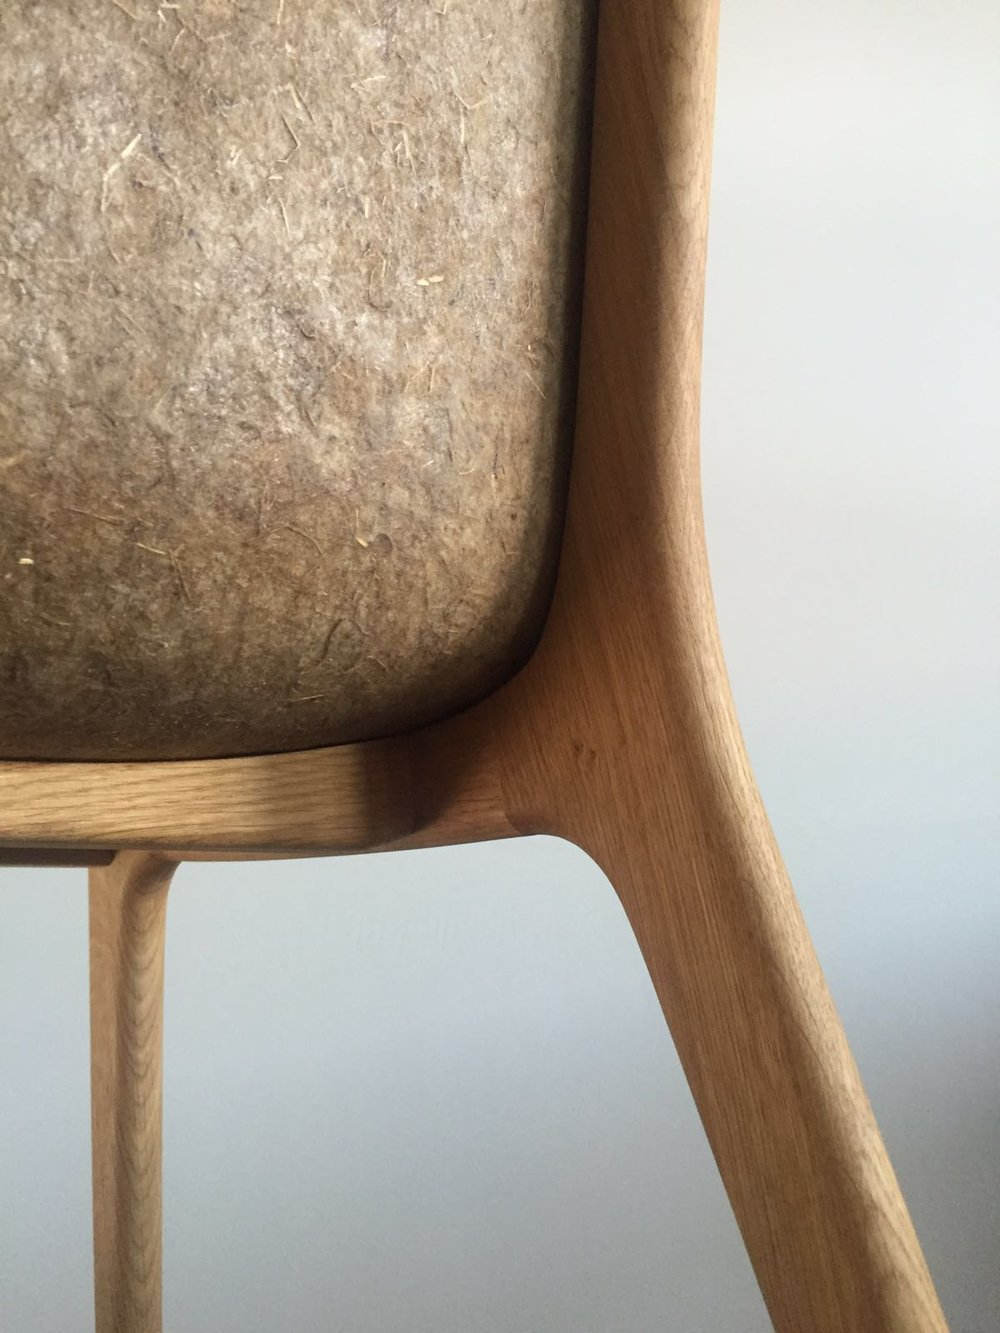 detail flax linum chair